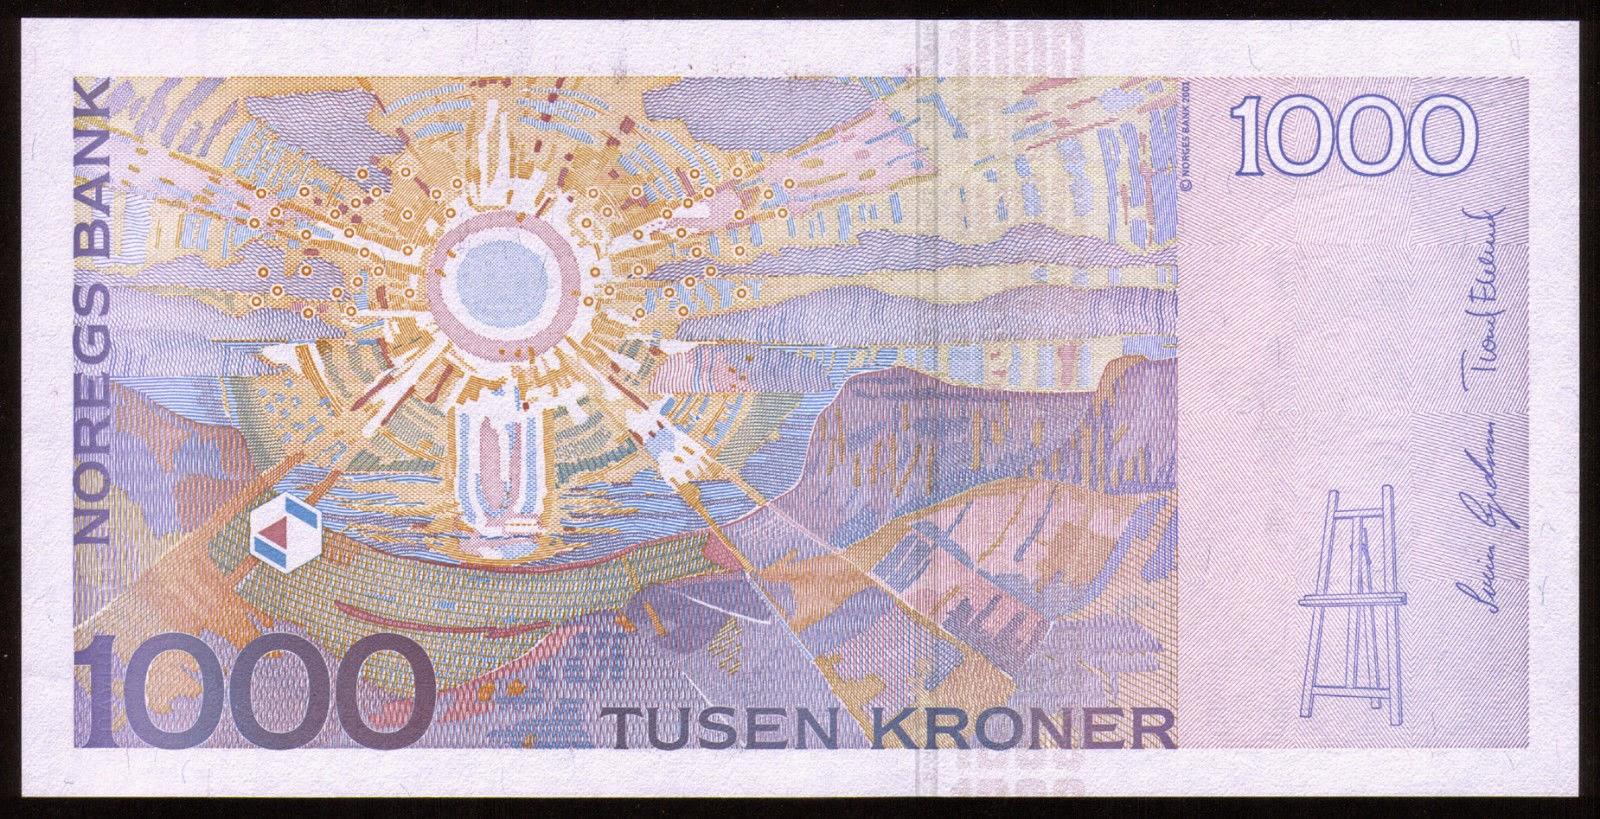 Norwegian Banknotes 1000 Norwegian Kroner note